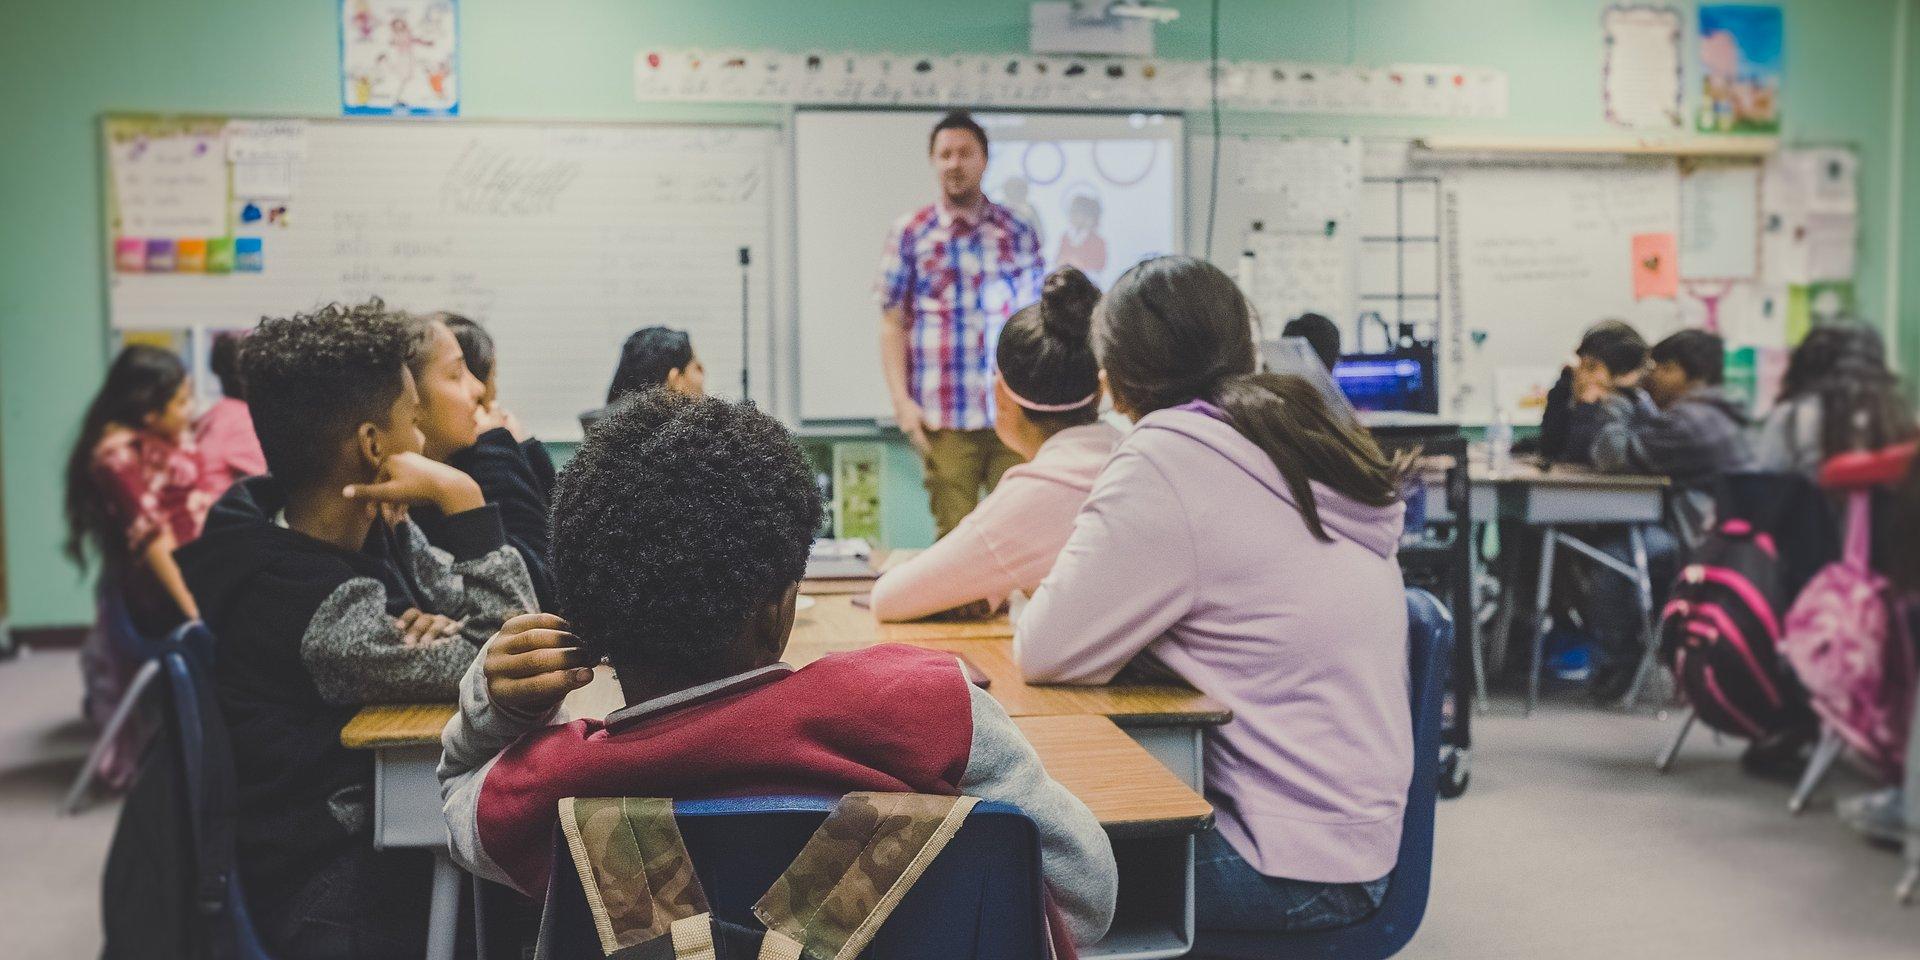 Nauczyciel, uczeń, rodzic. Jak motywować i wspierać?